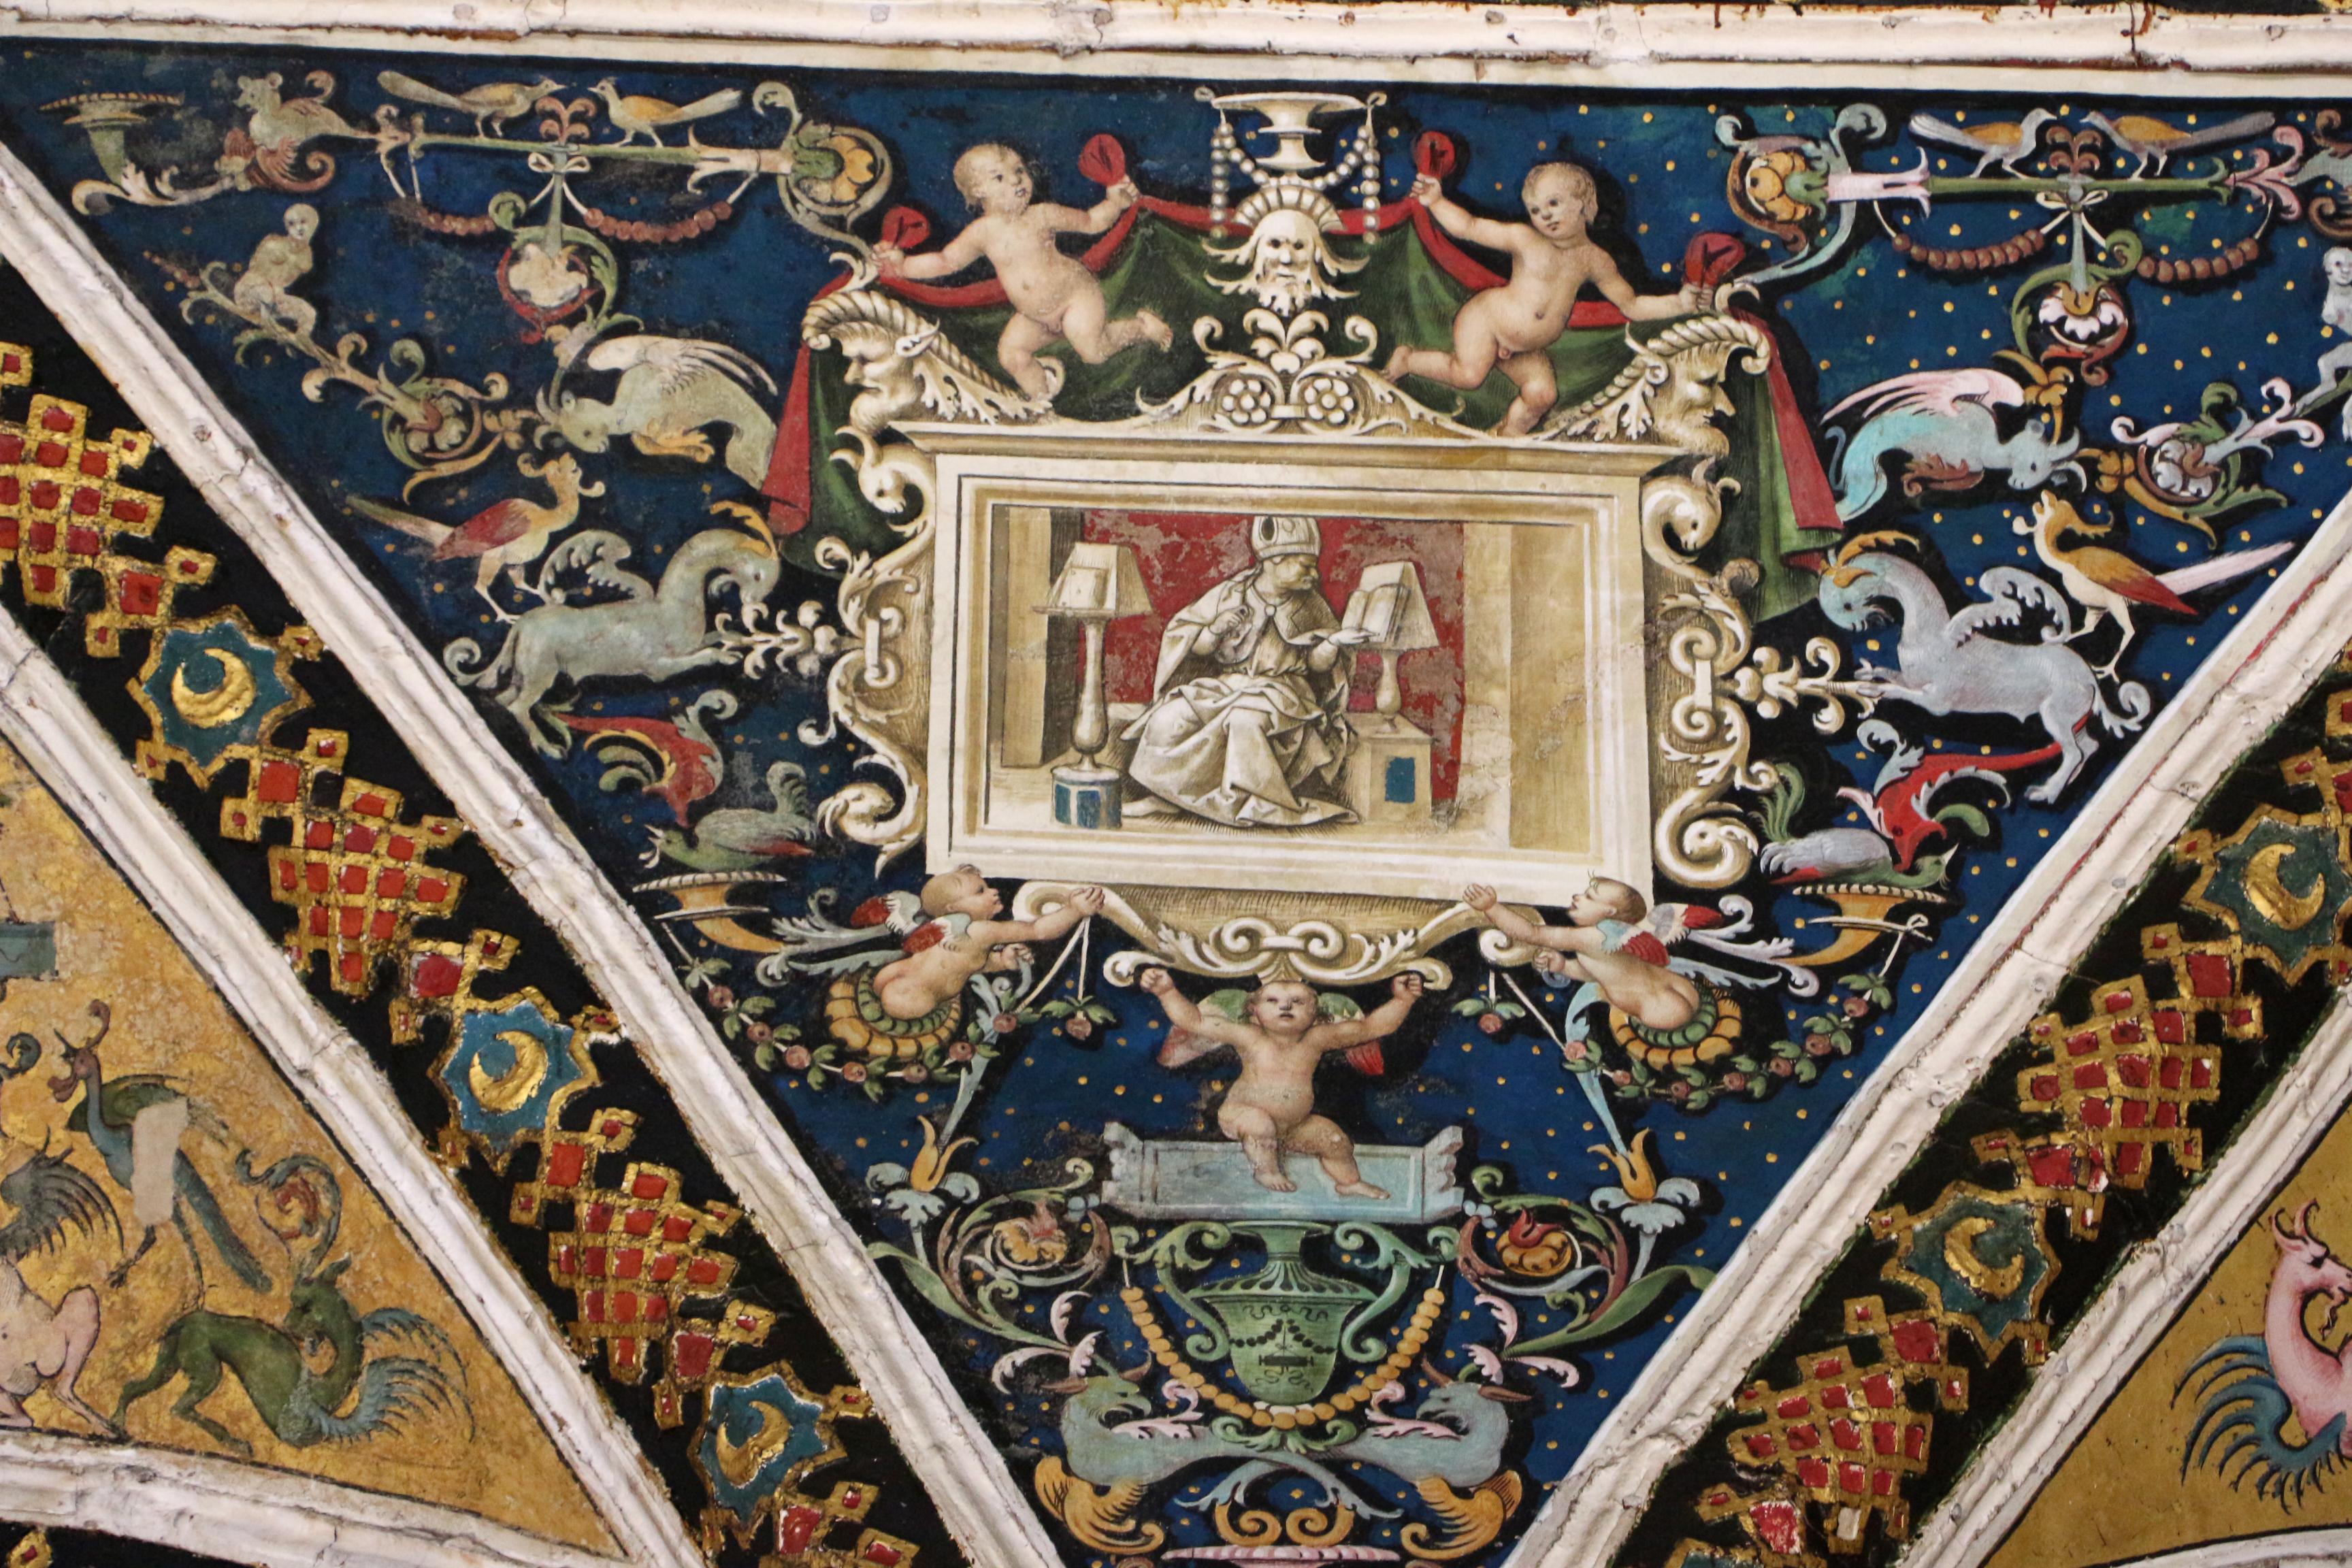 File:Pinturicchio e aiuti (girolamo del pacchia), grottesche nella volta  della cappella